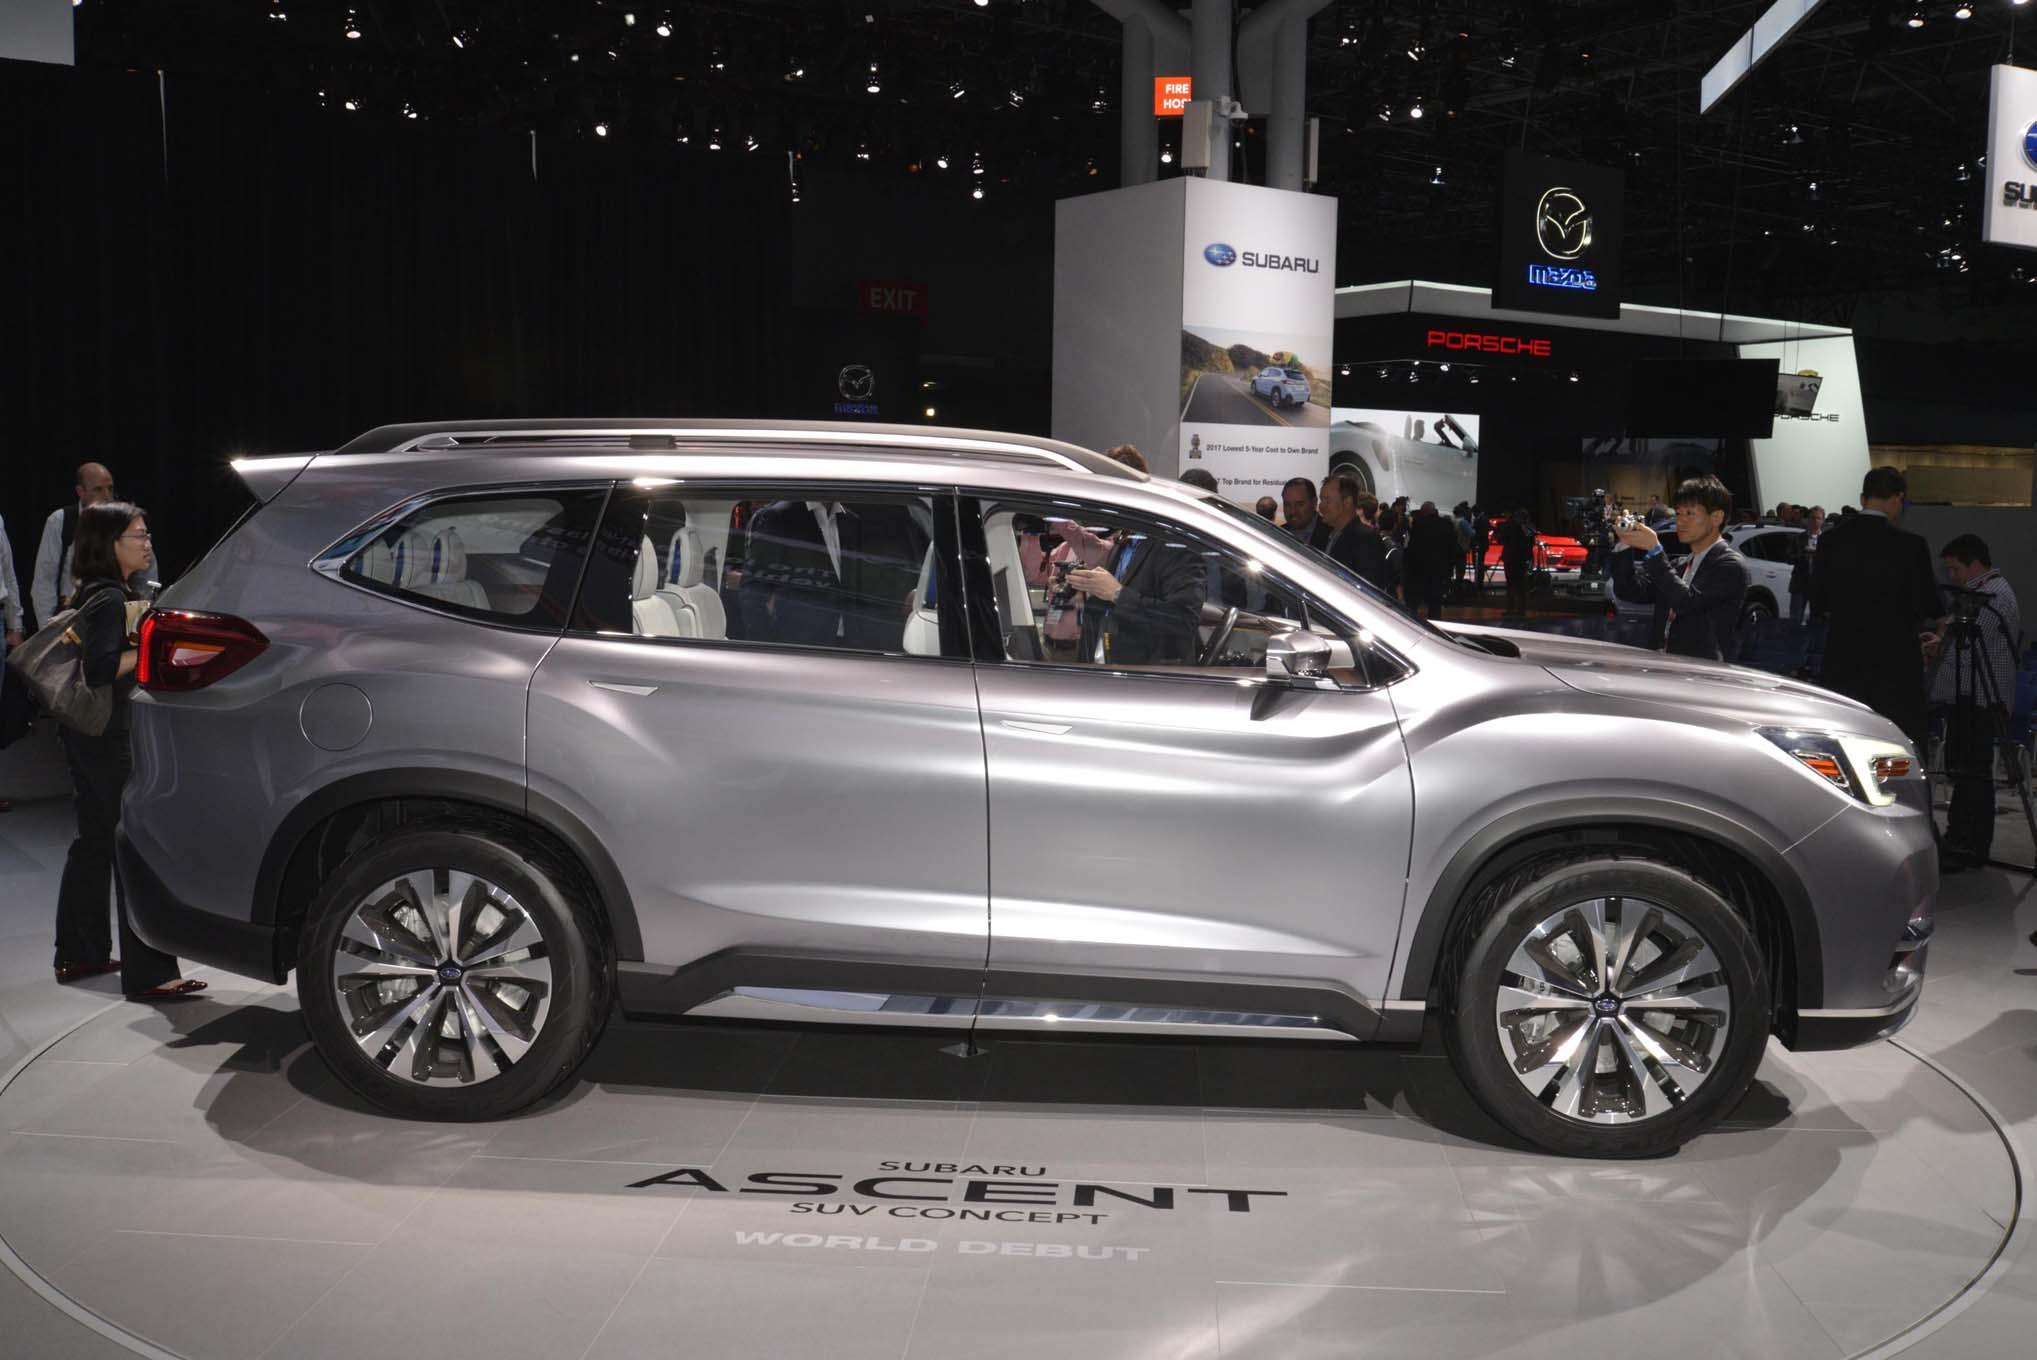 Subaru Ascent 2019 SUV before the LA Auto Show